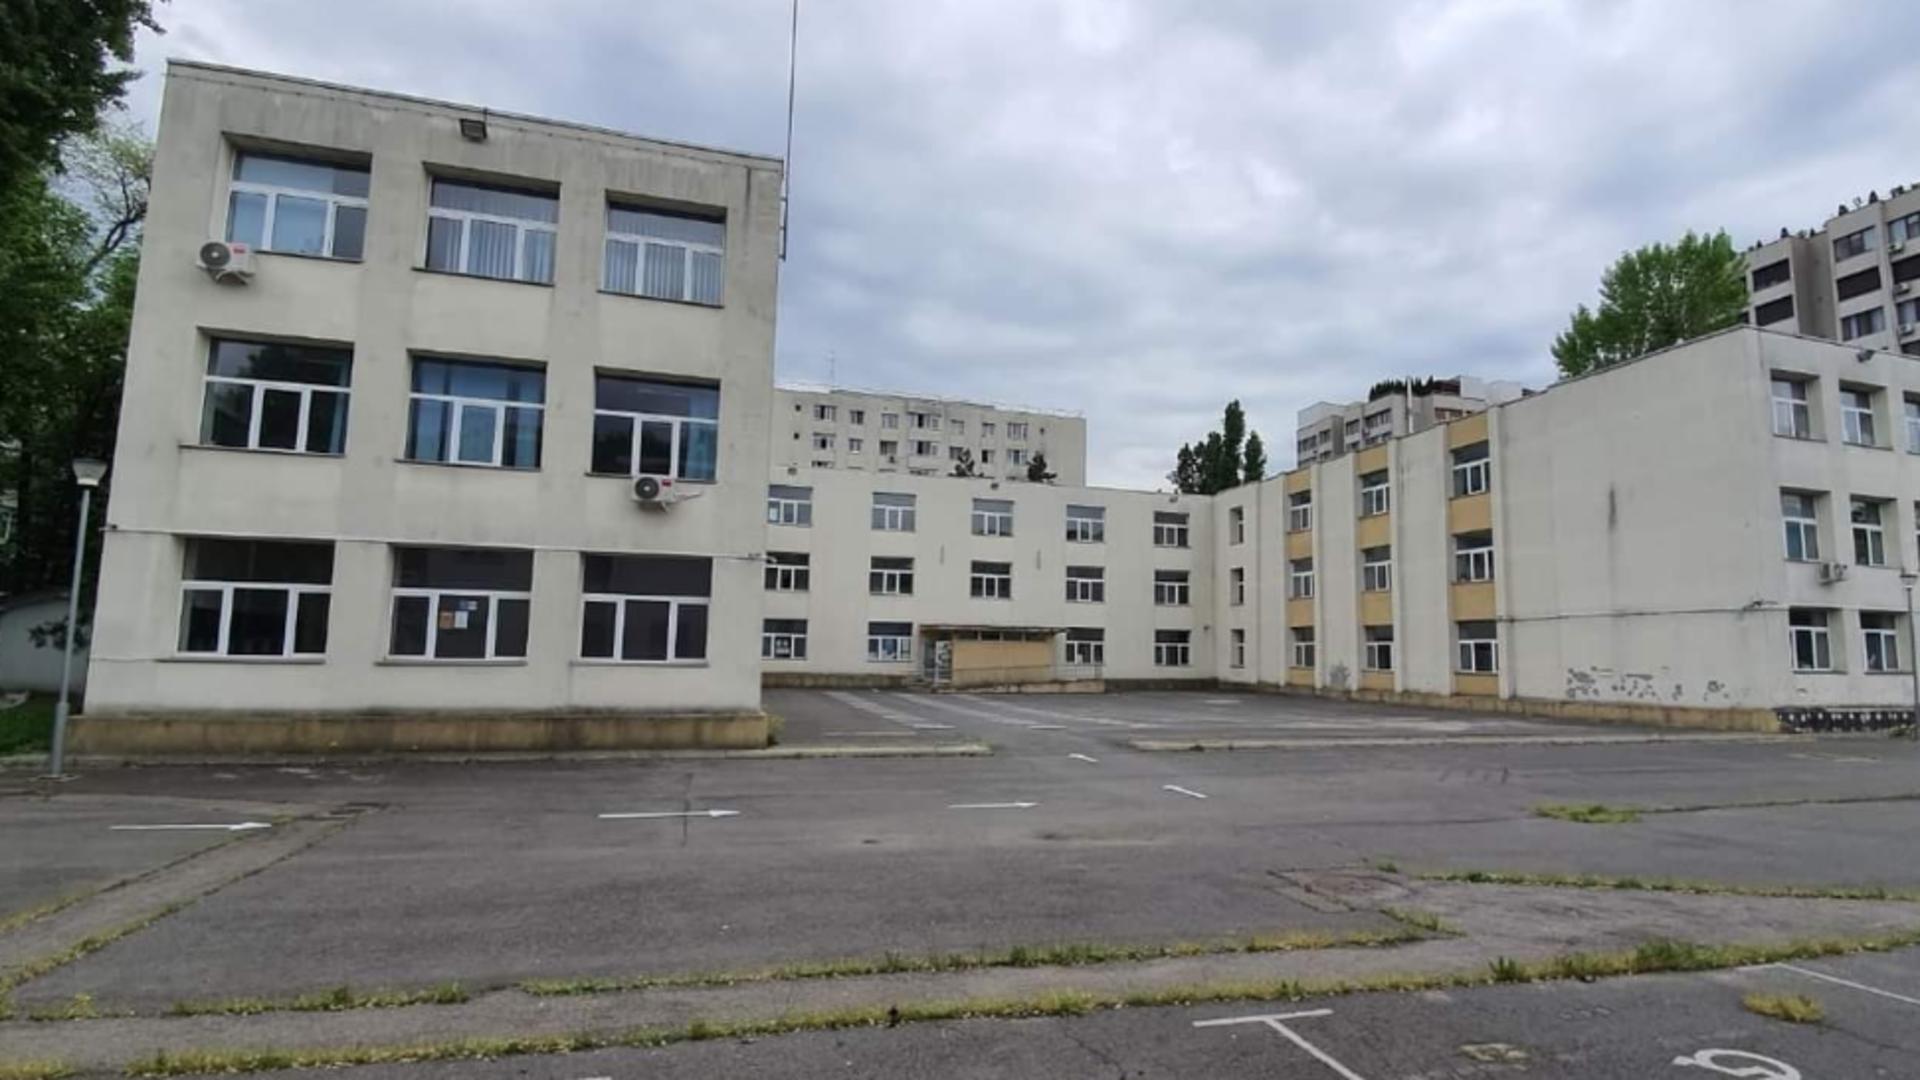 Școală distrusă, în pericol de prăbușire în Capitală! Foto: Facebook.com